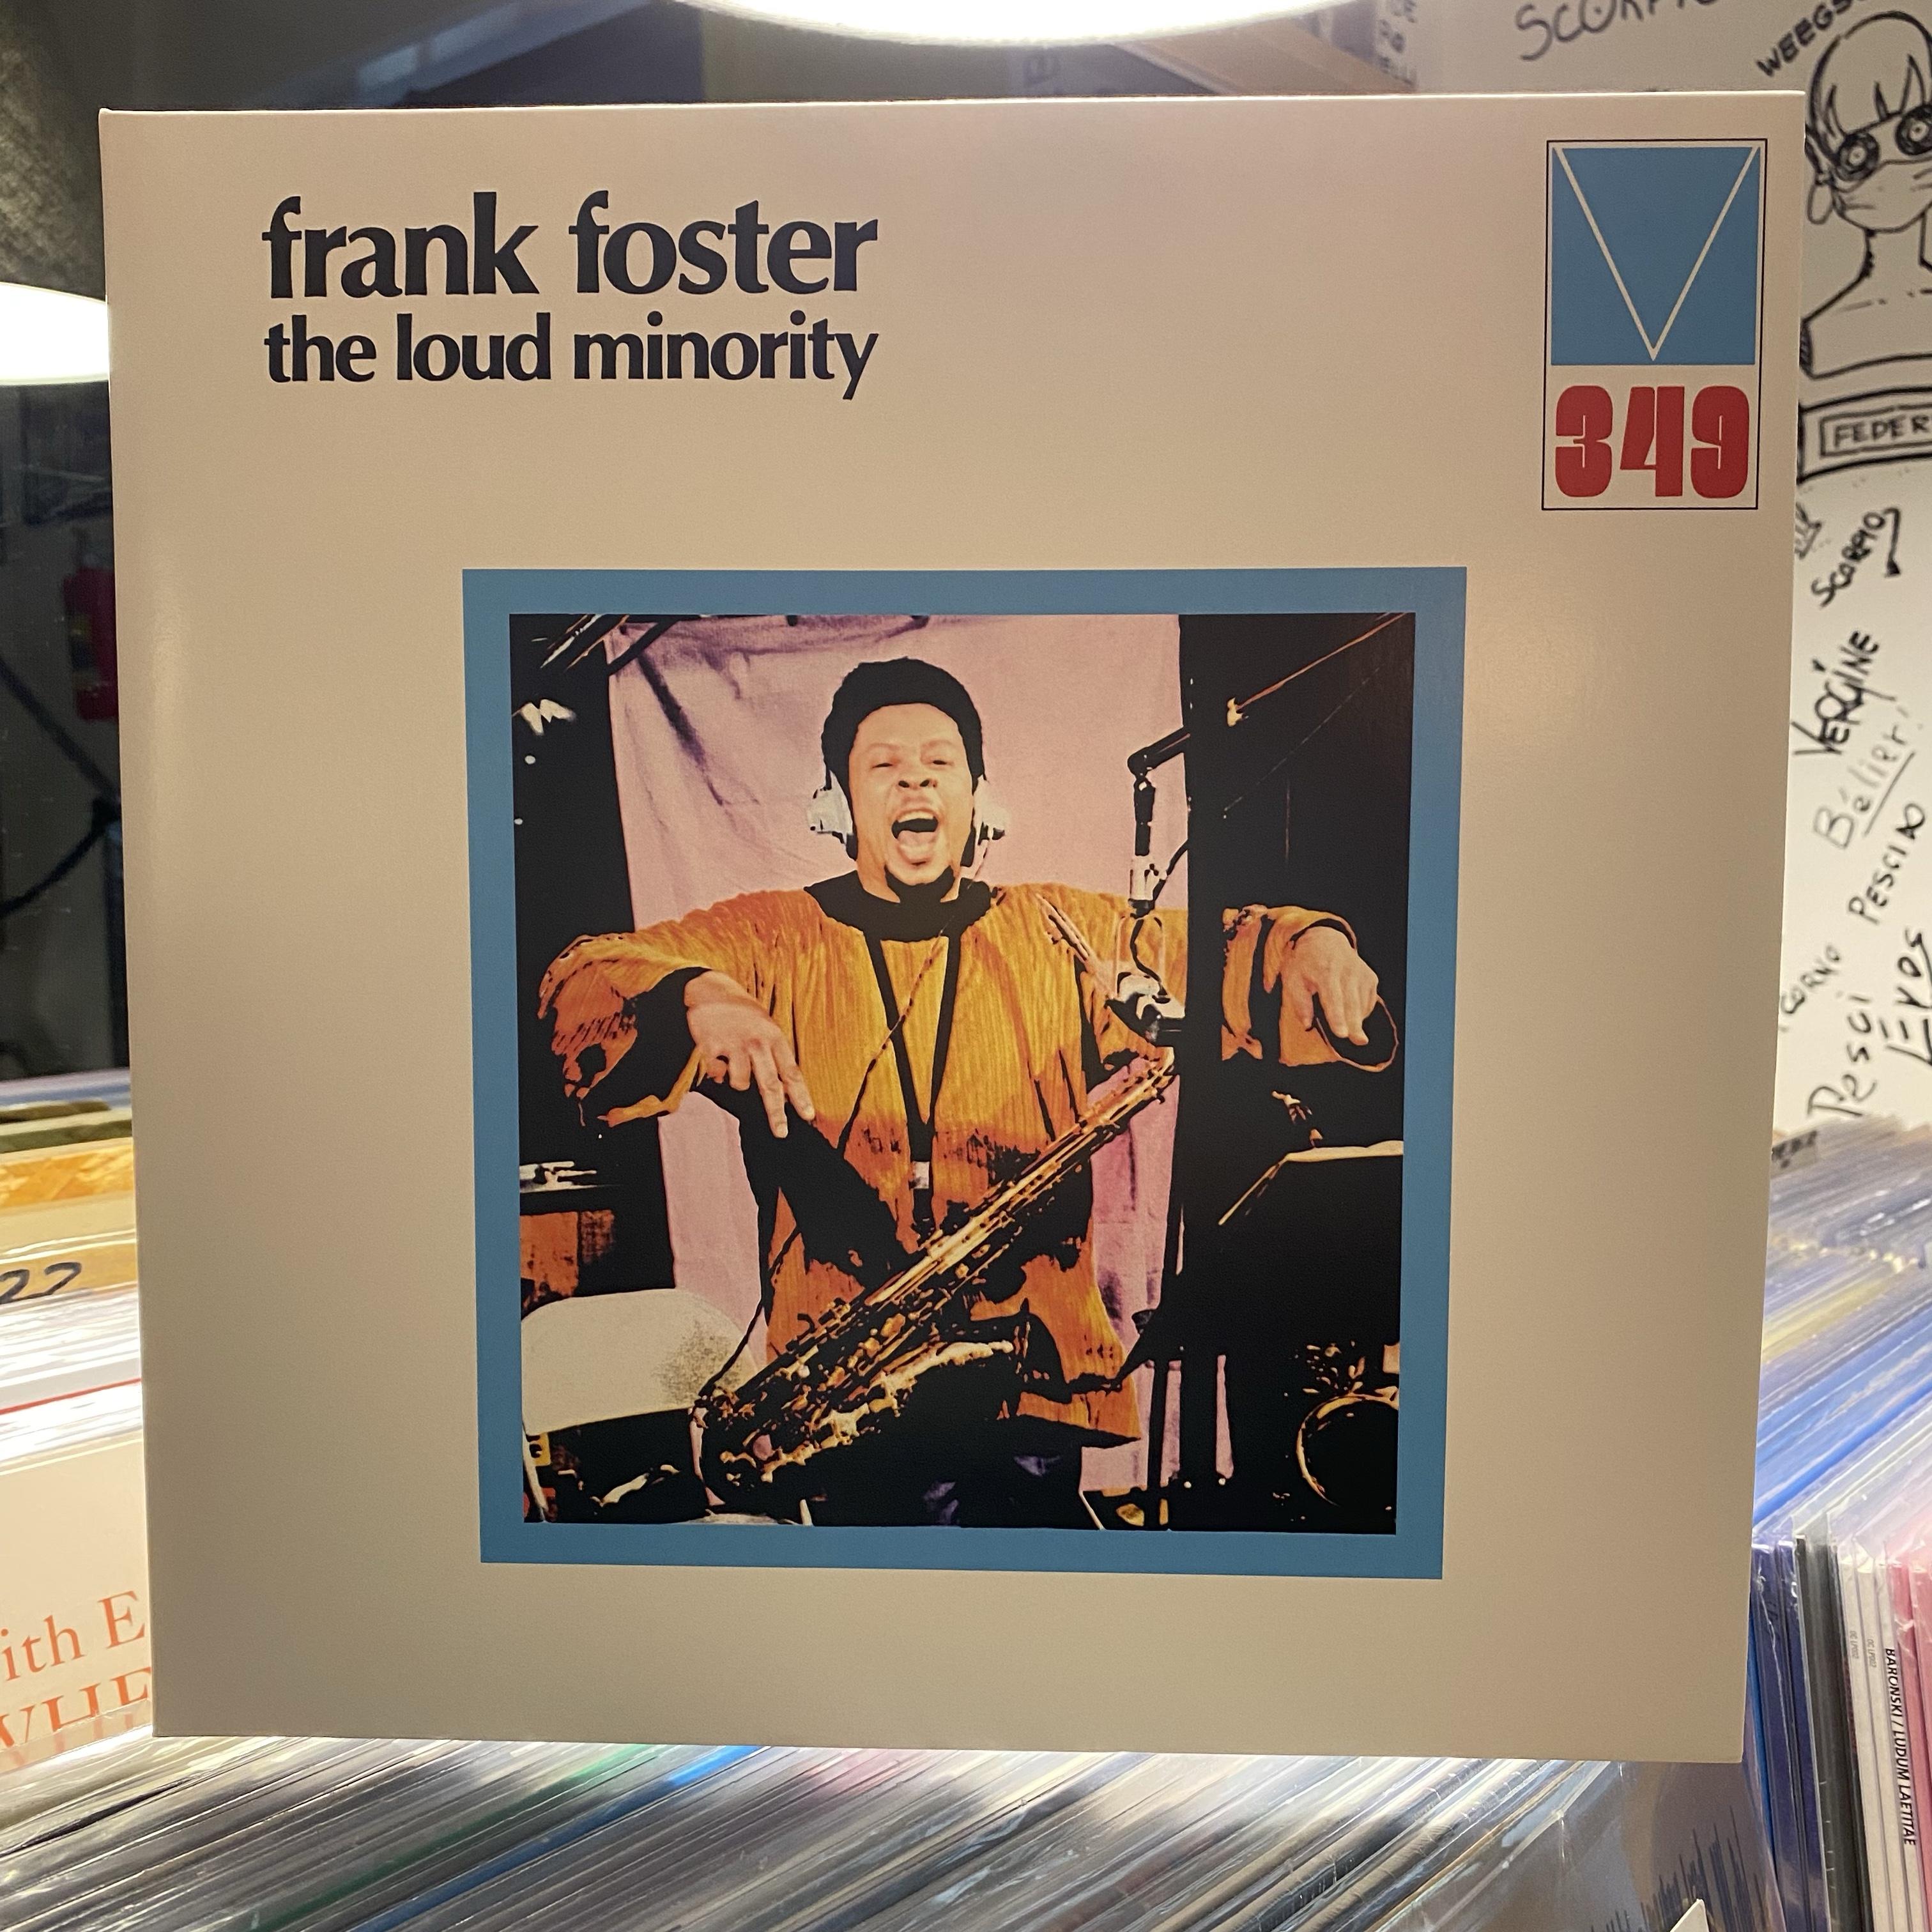 The LOUD Minority Frank Foster